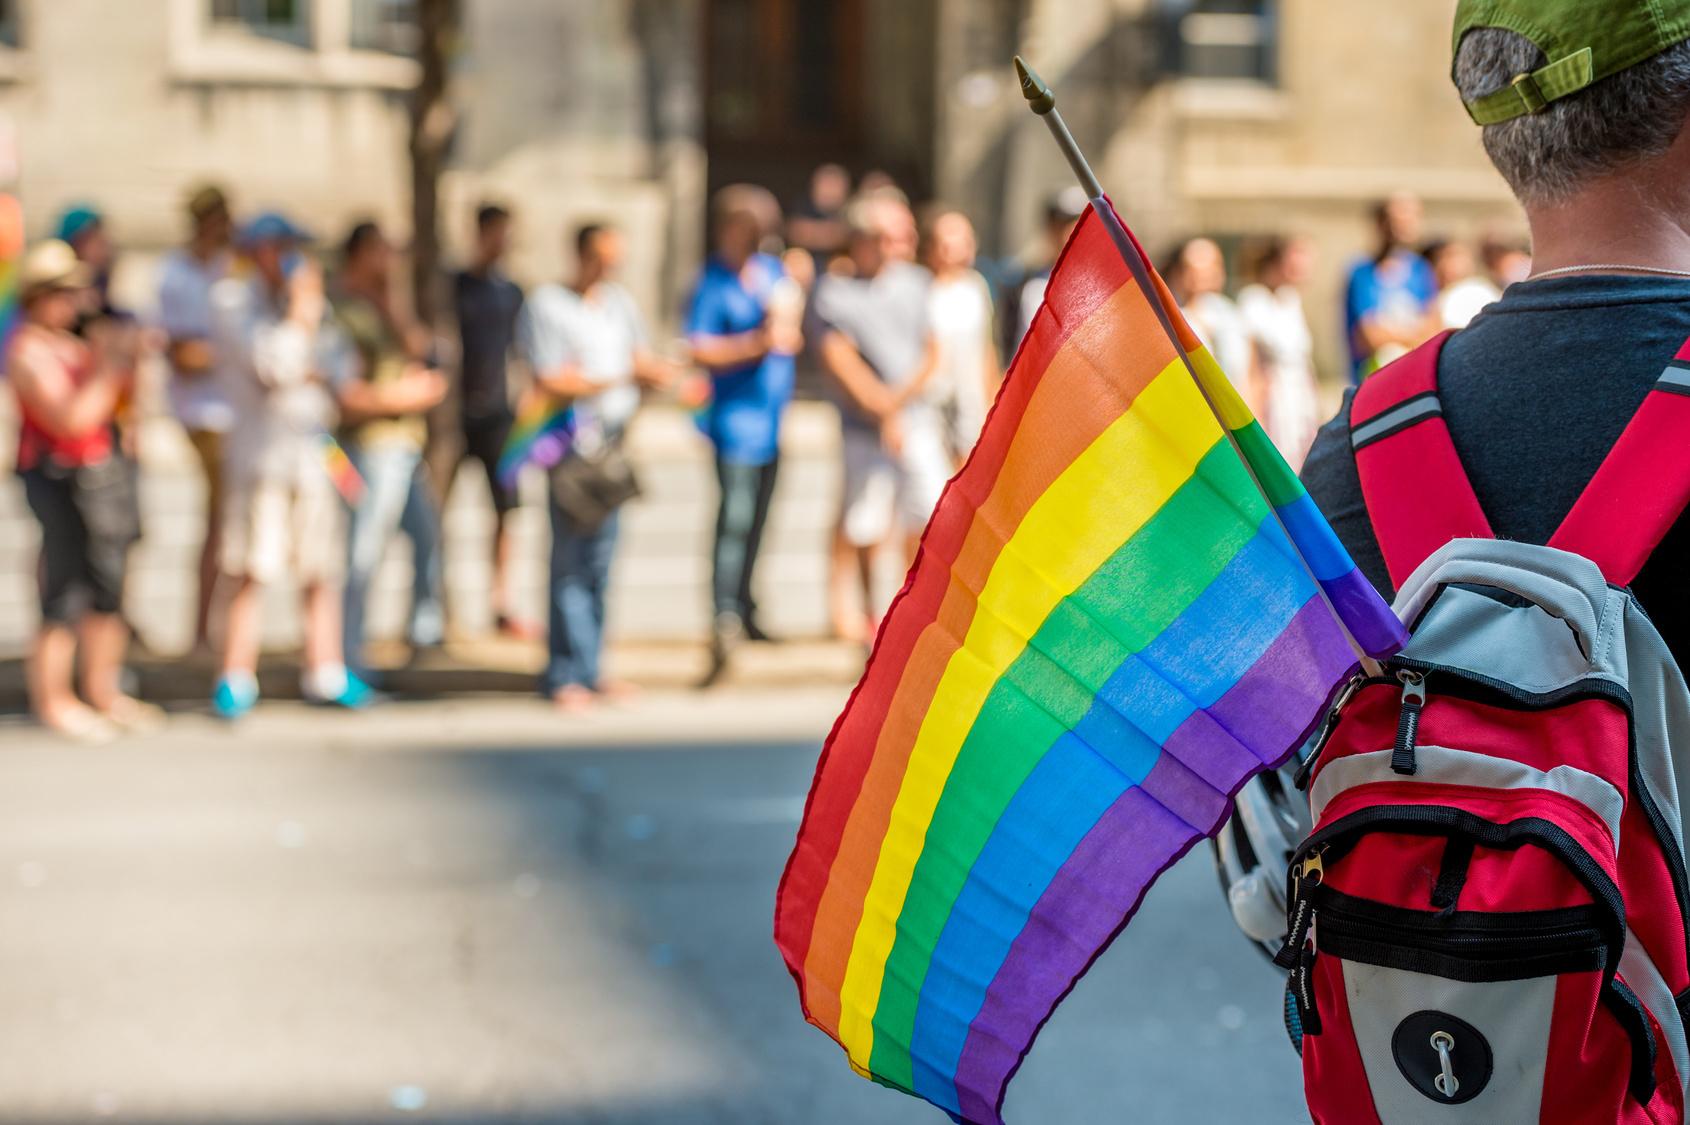 DROITS DES COMMUNAUTÉS LGBT AU CANADA